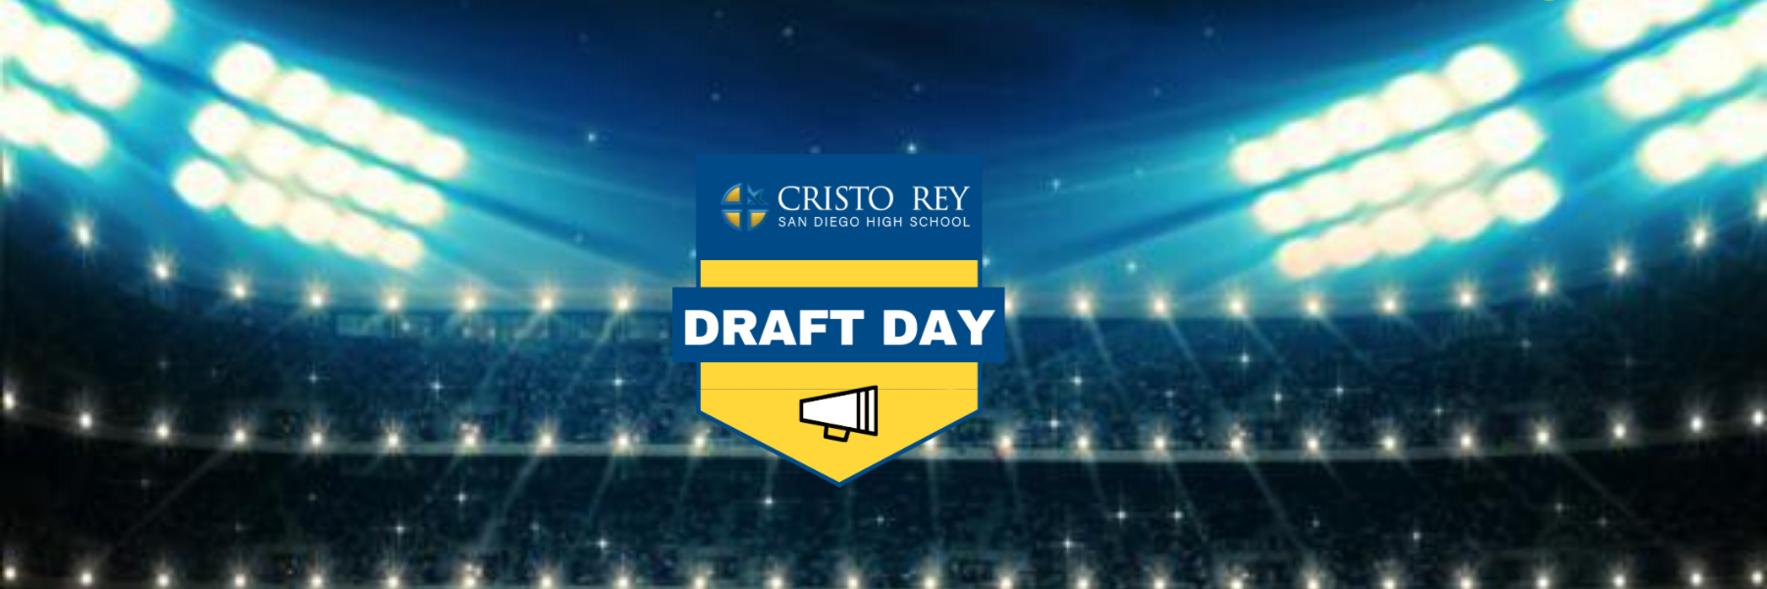 Draft Day 2020 image